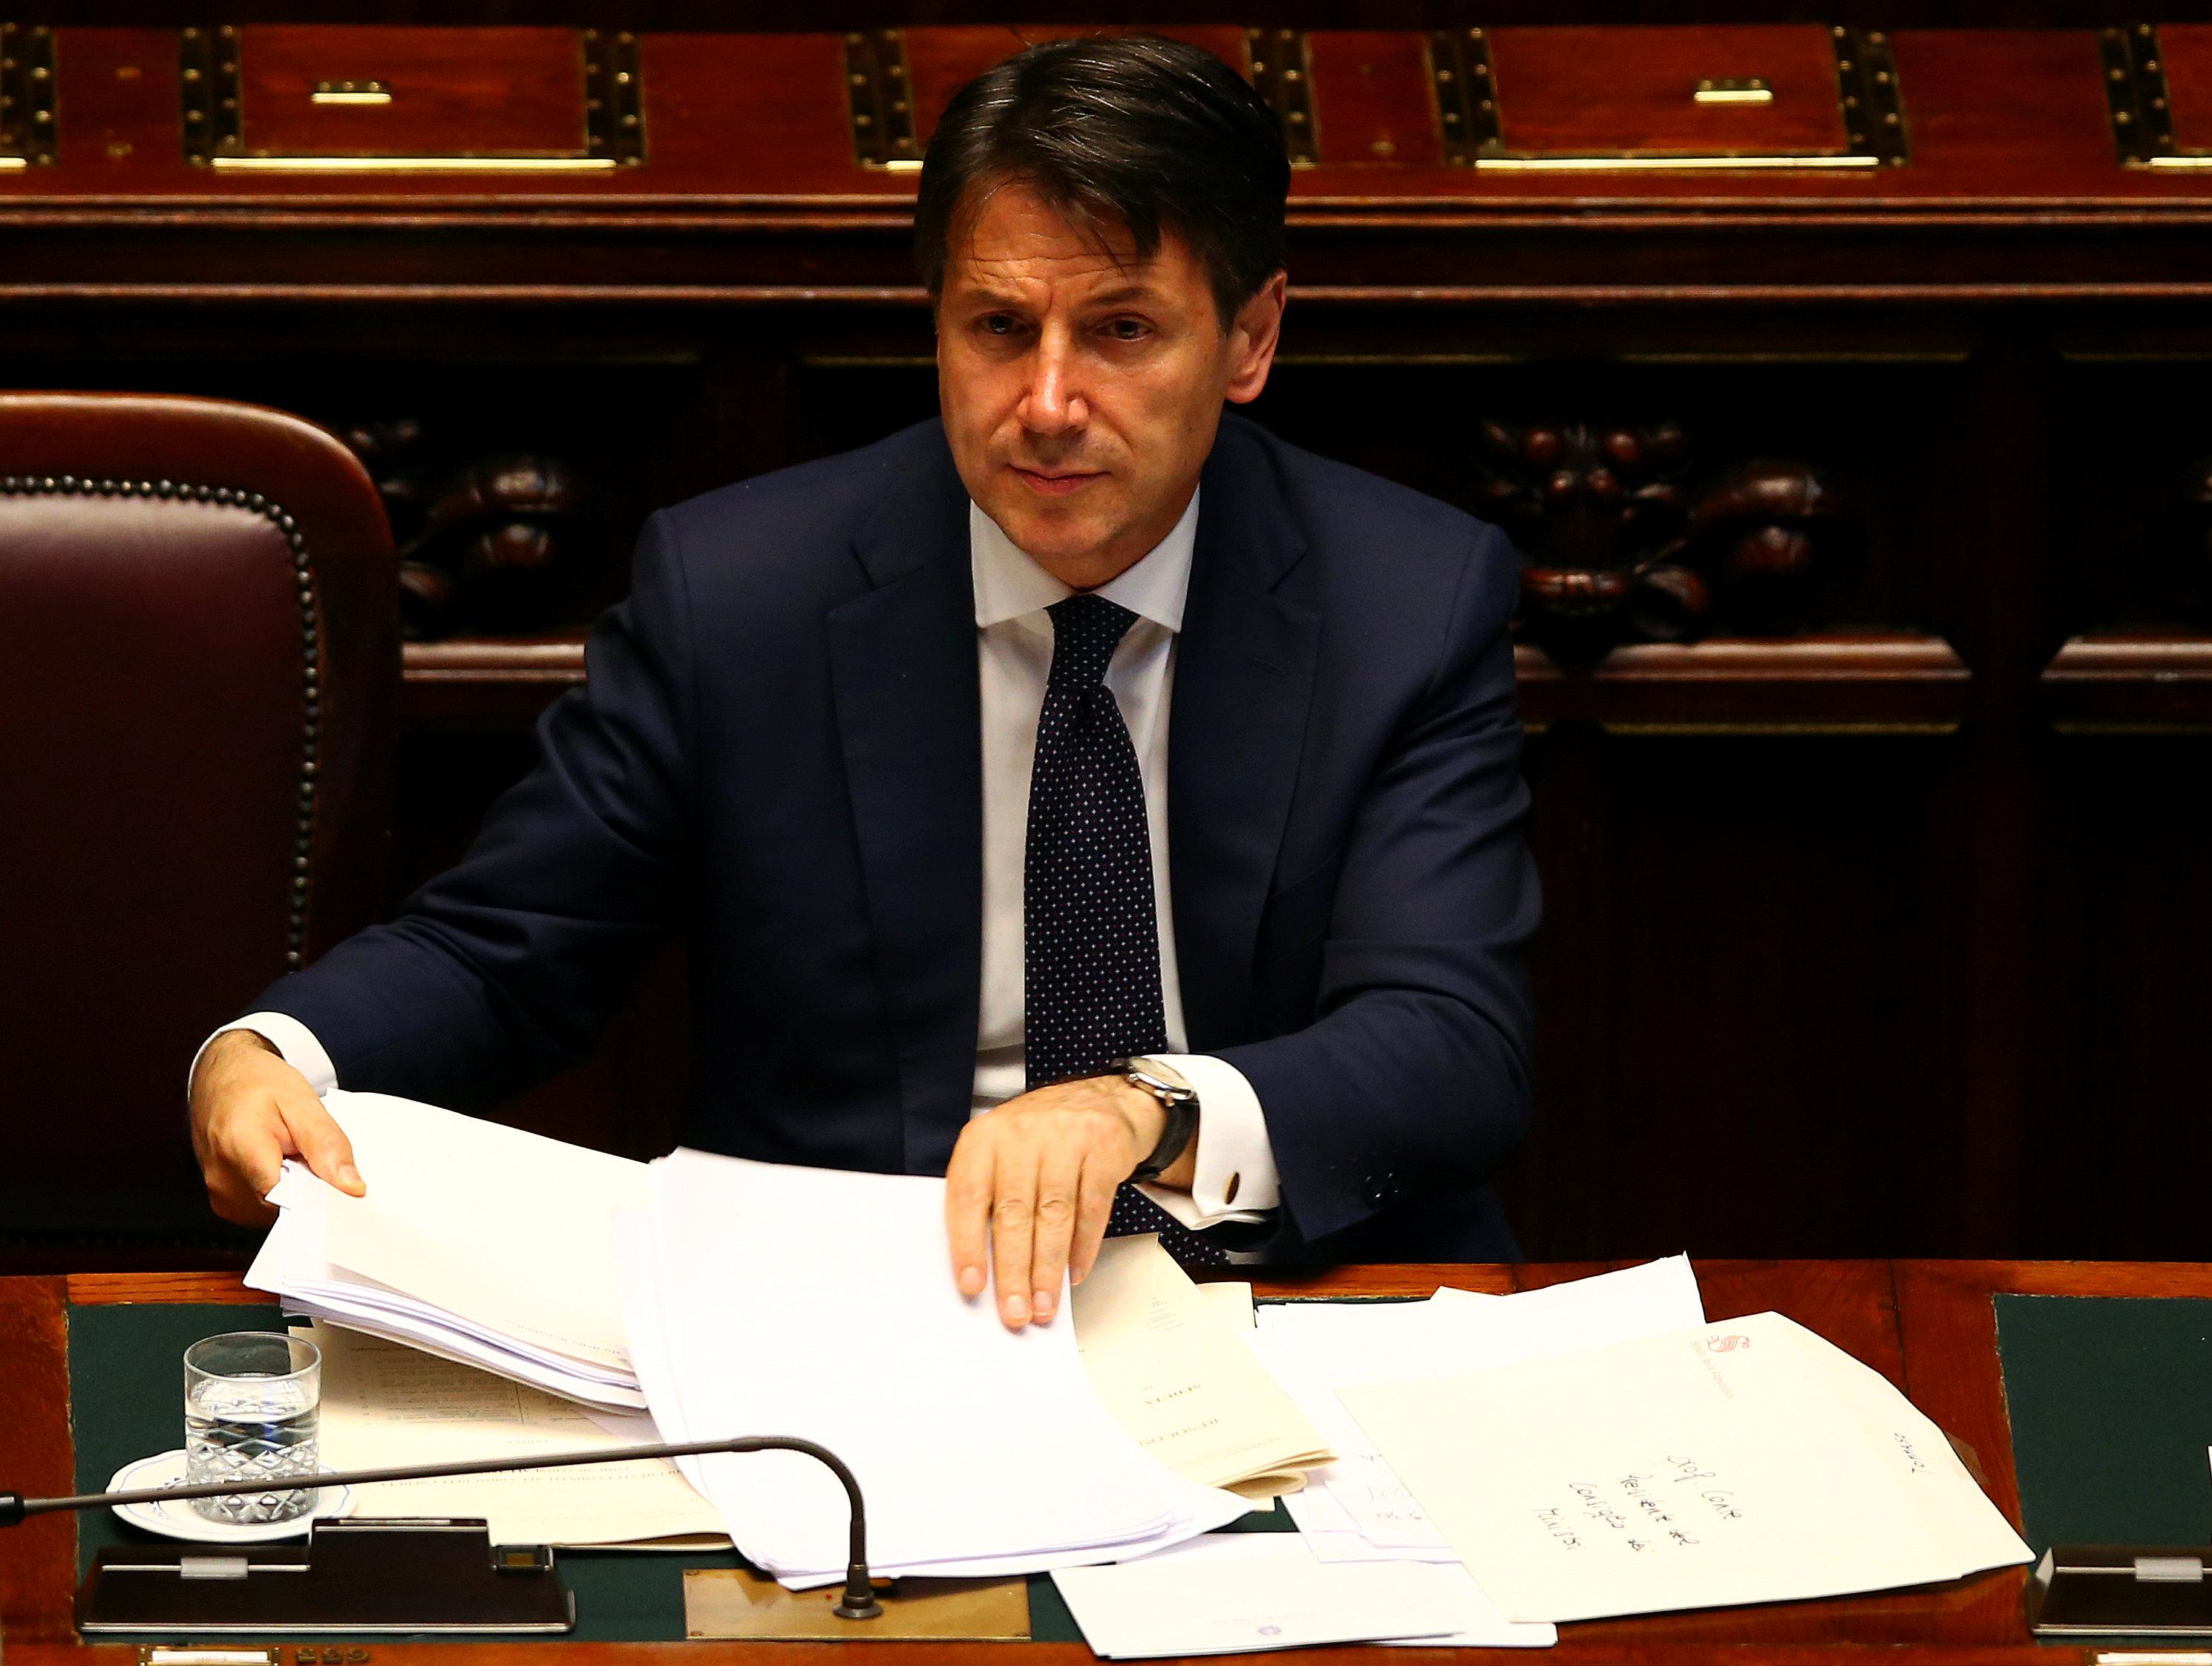 رئيس الوزراء الإيطالي الجديد جوزيبي كونتي